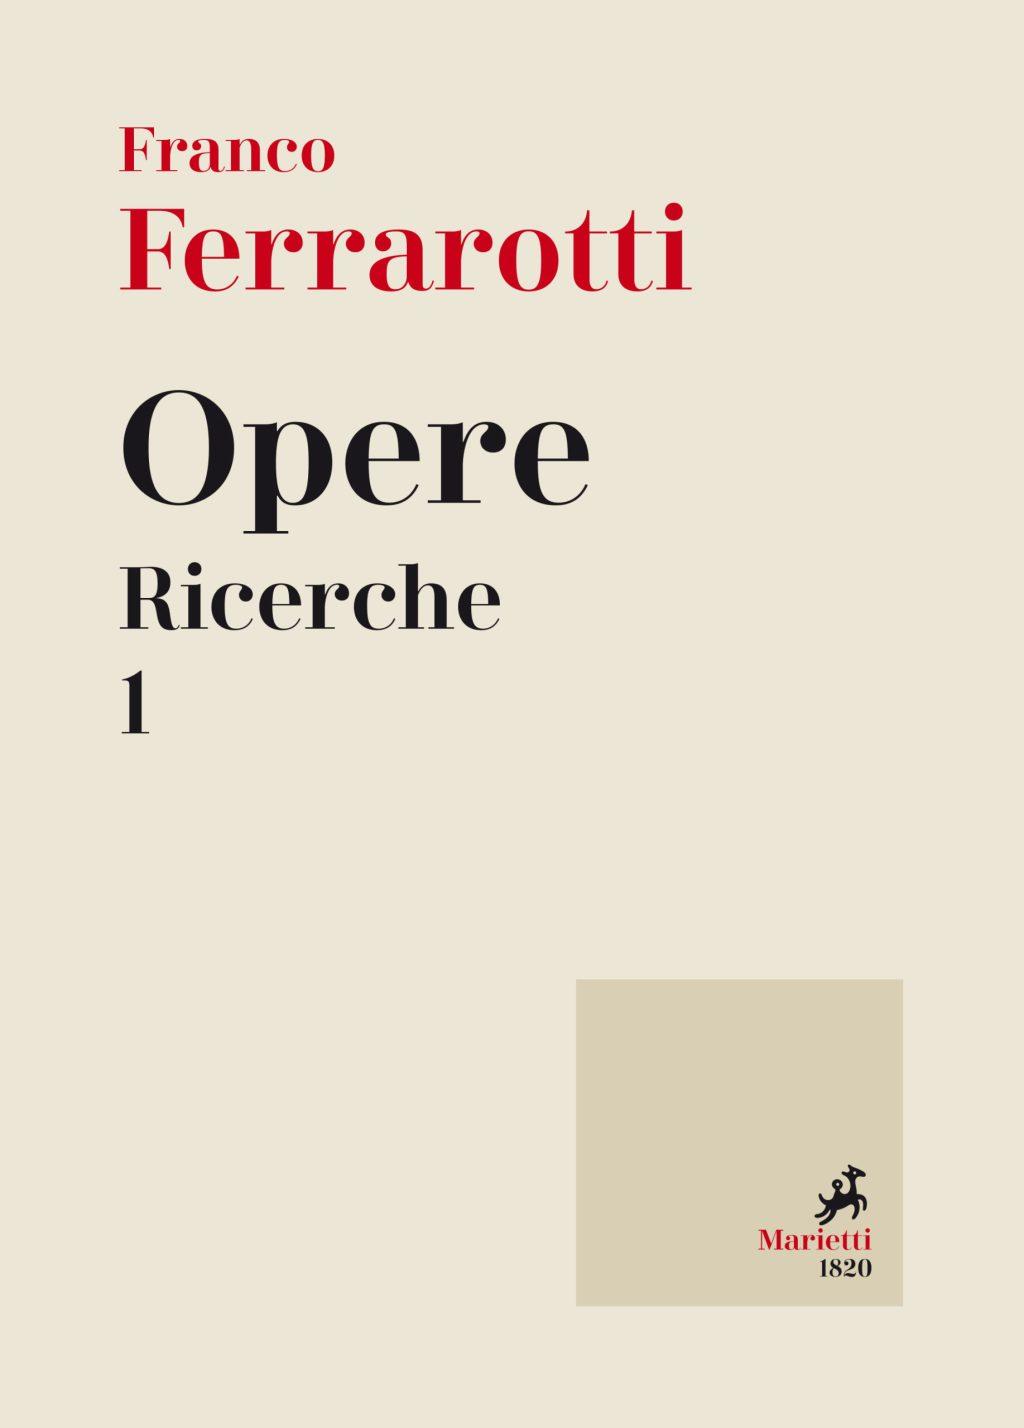 Franco Ferrarott